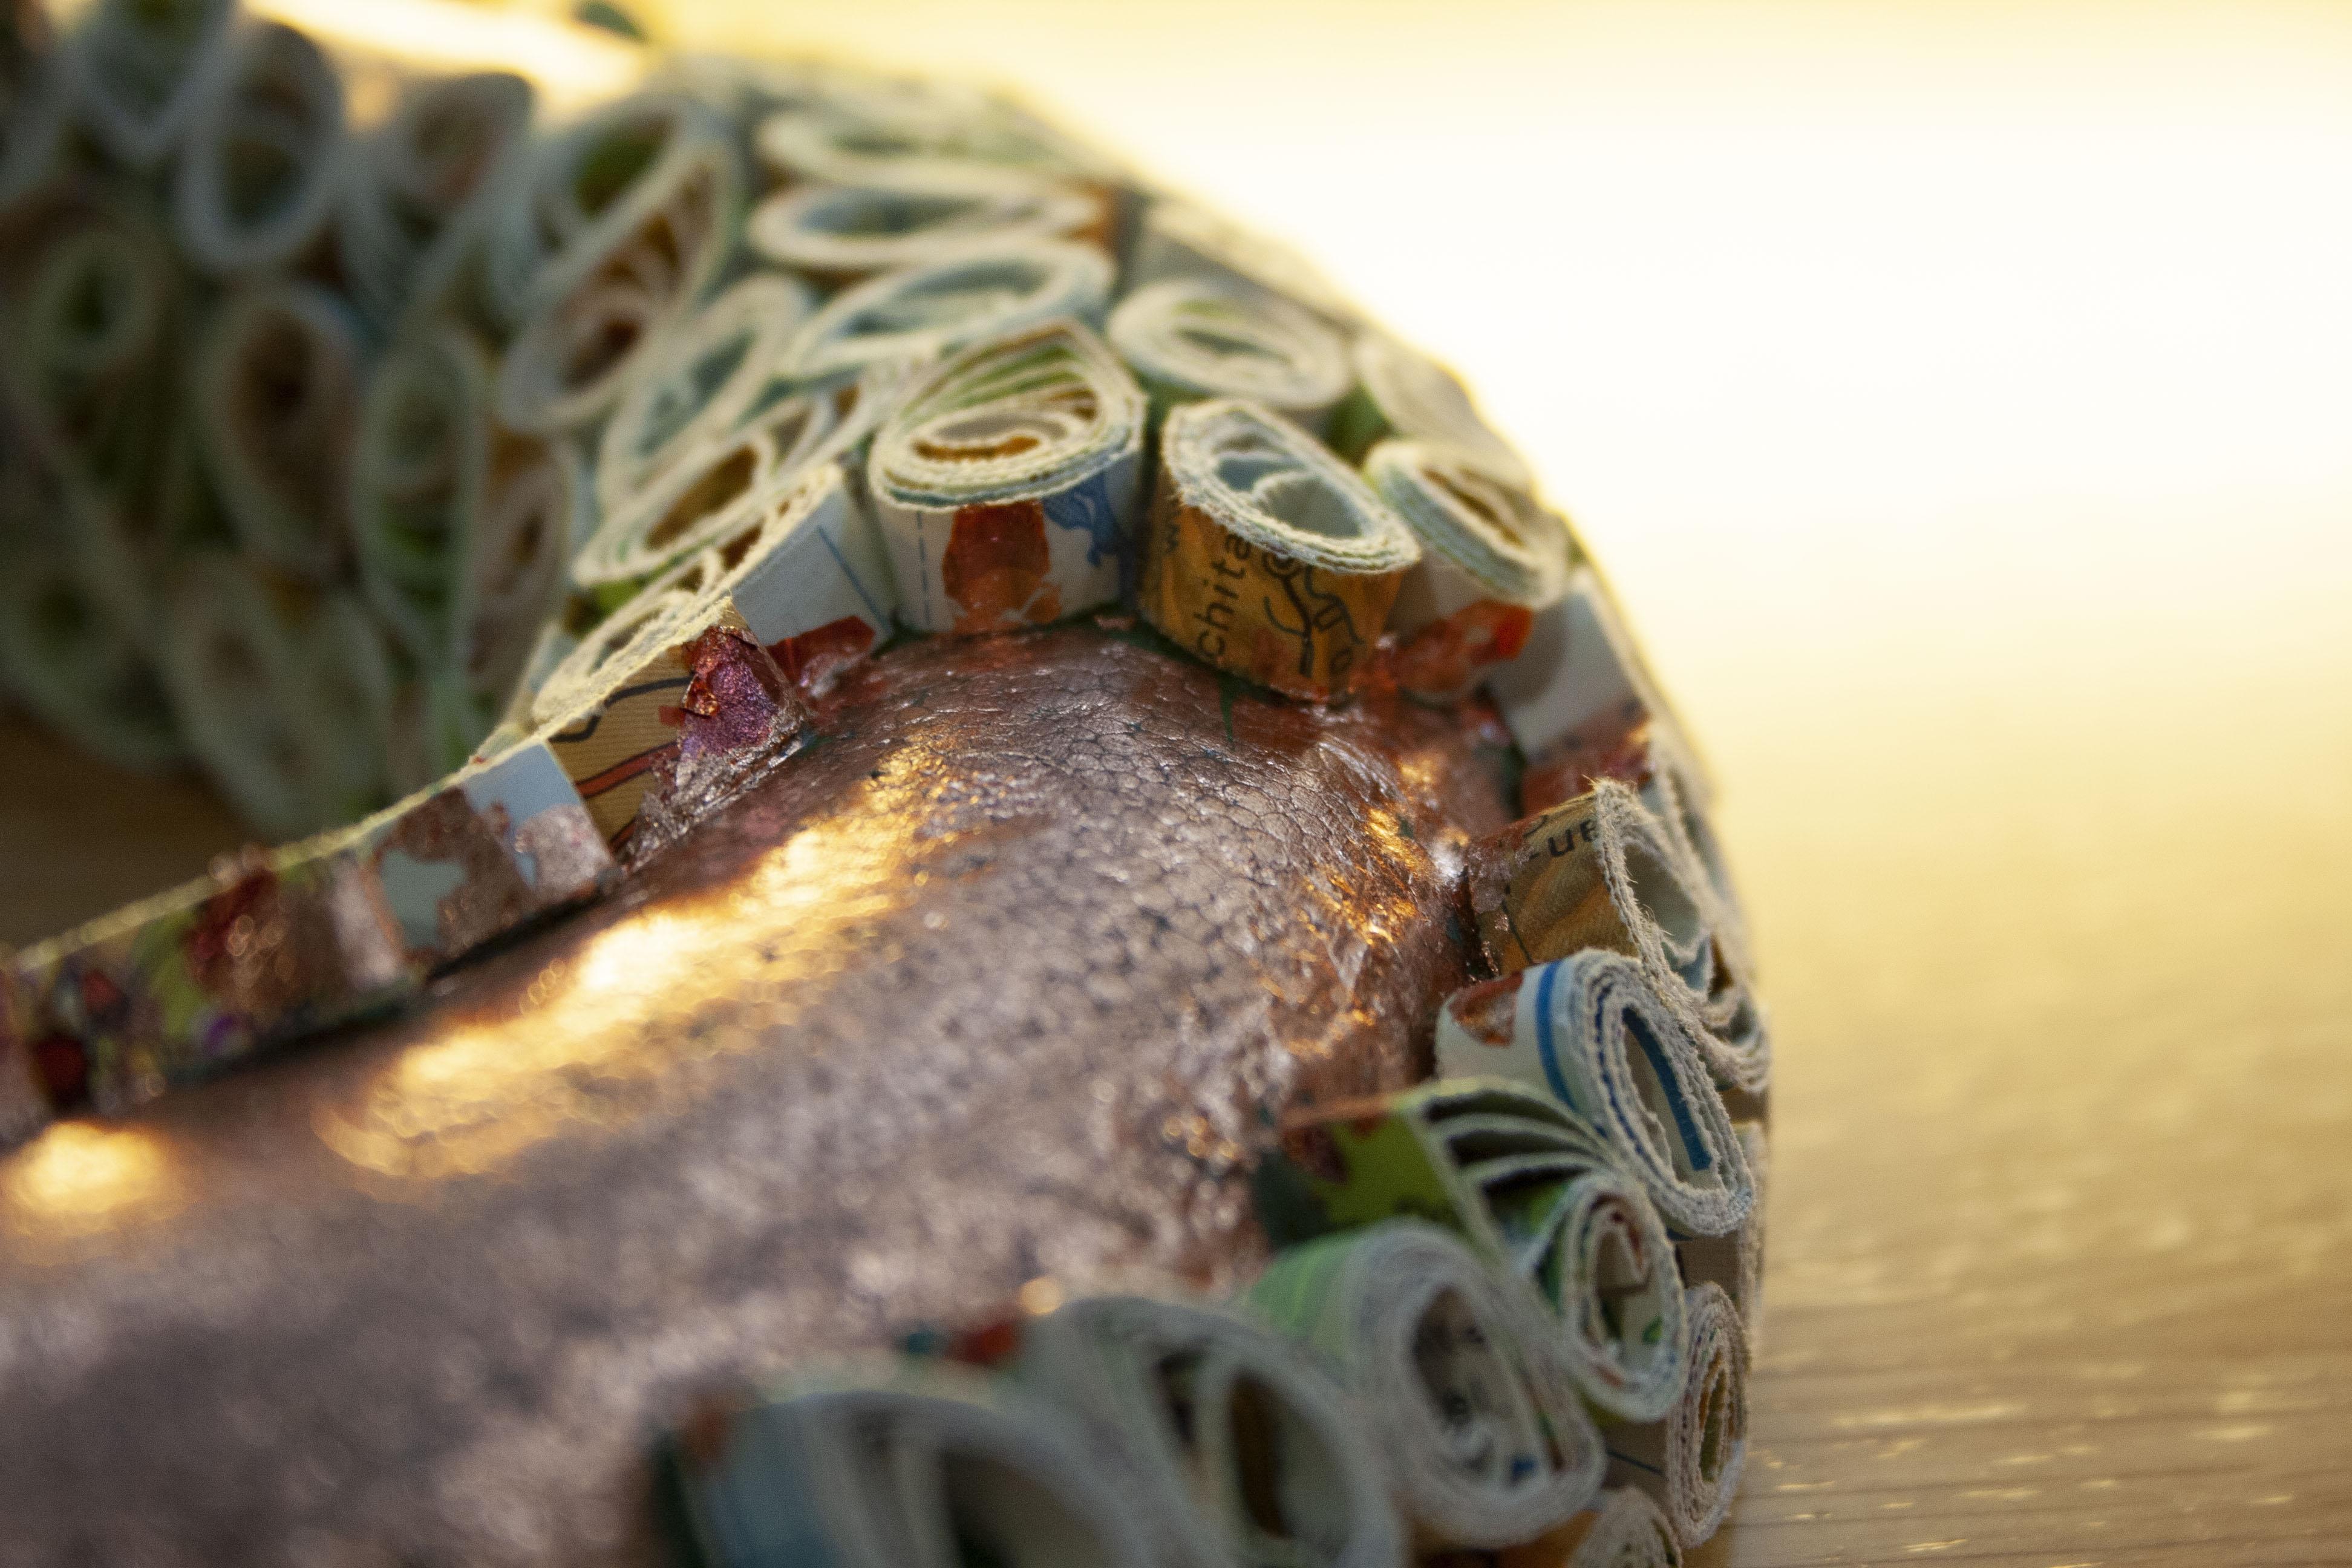 Detailaufnahme des Rings. Teilweise ist die Farbe auch an den Papierelementen zu sehen.